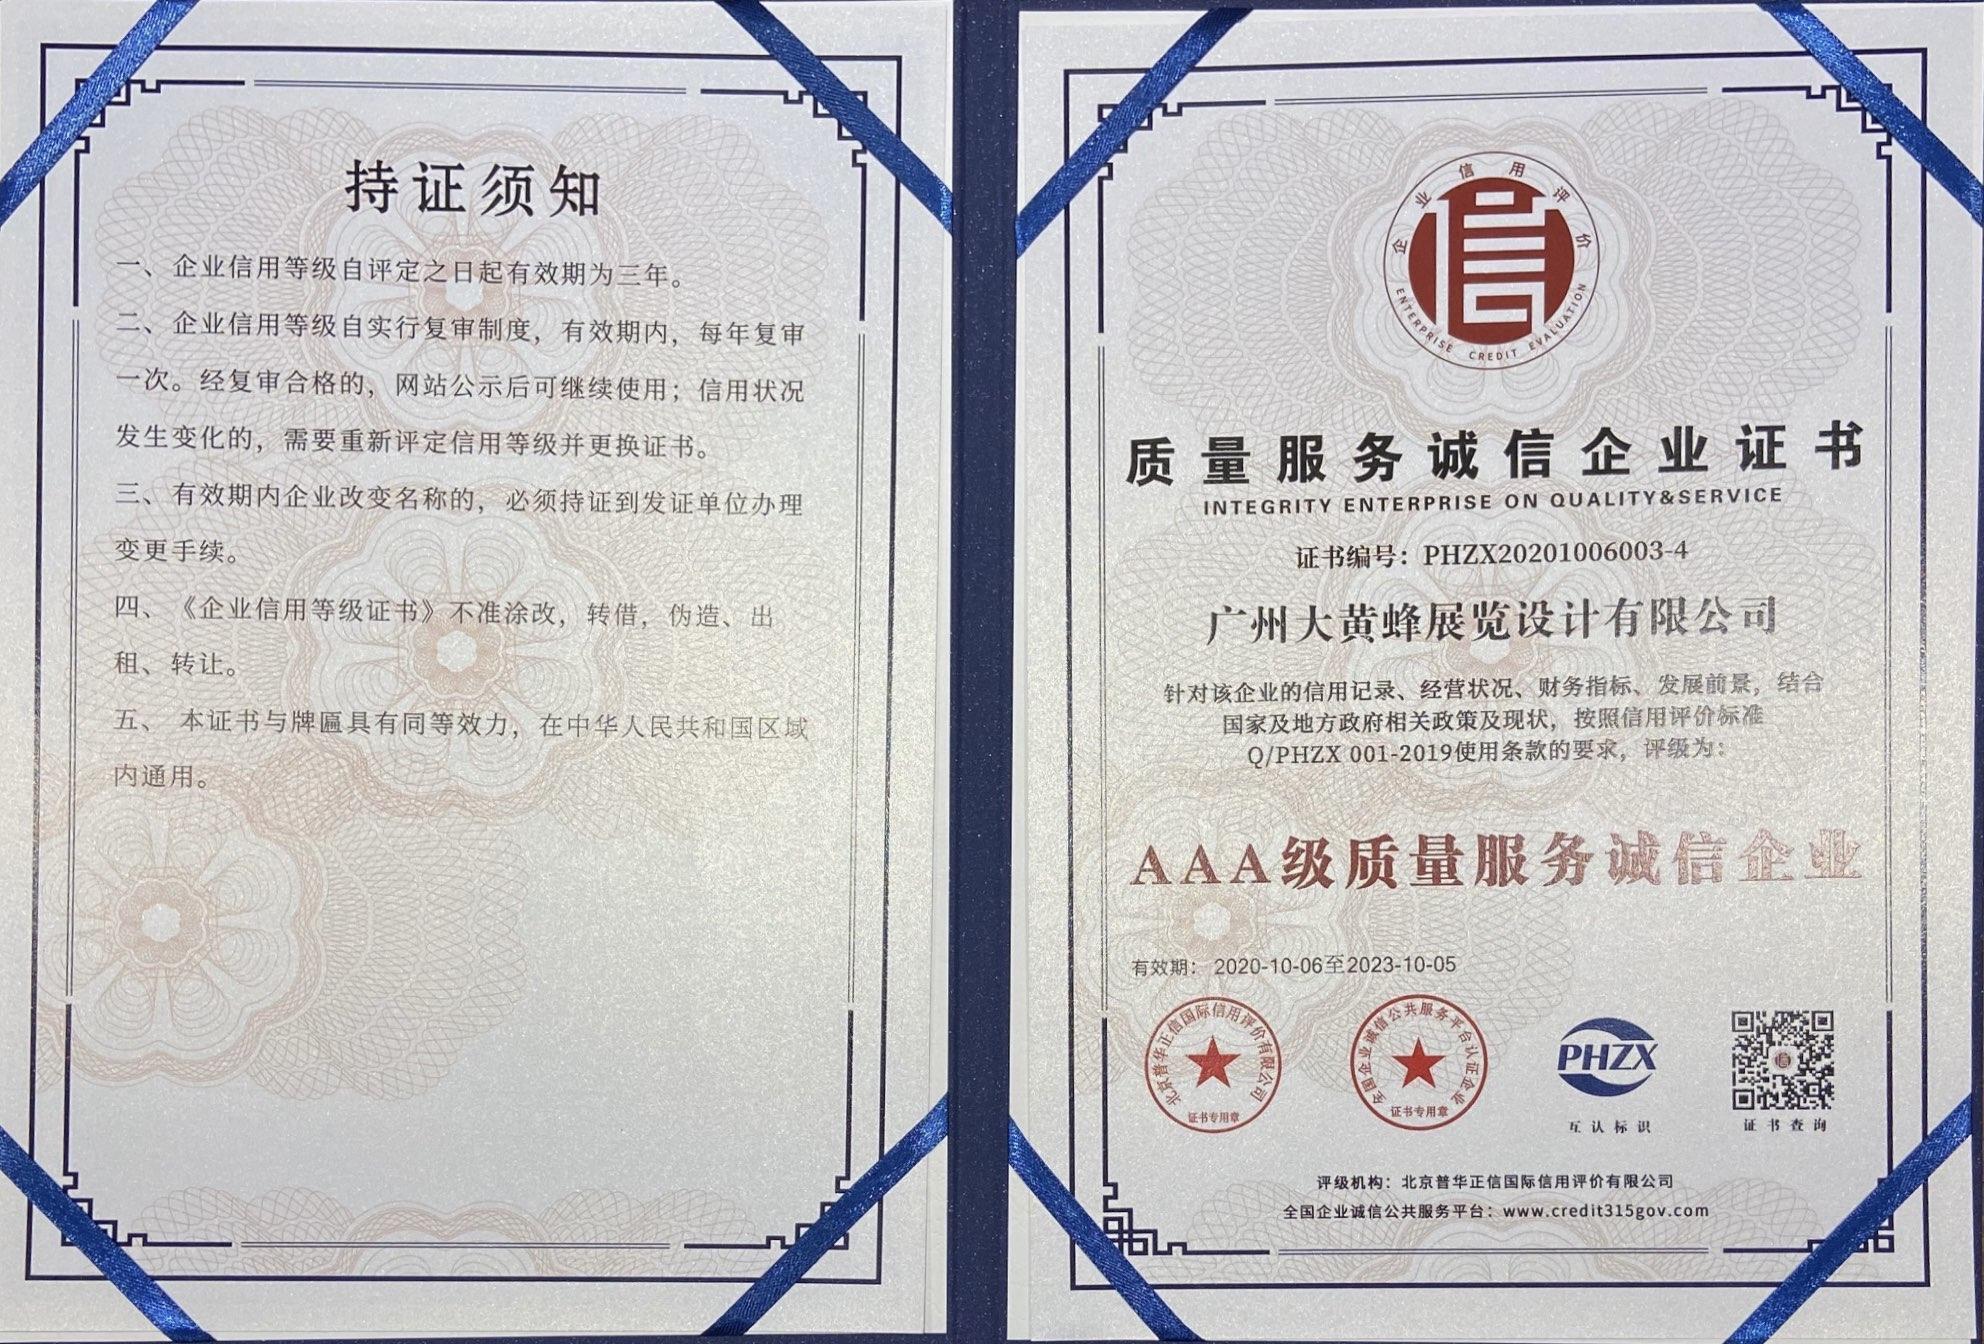 大黄蜂展_2020诚信企业证书